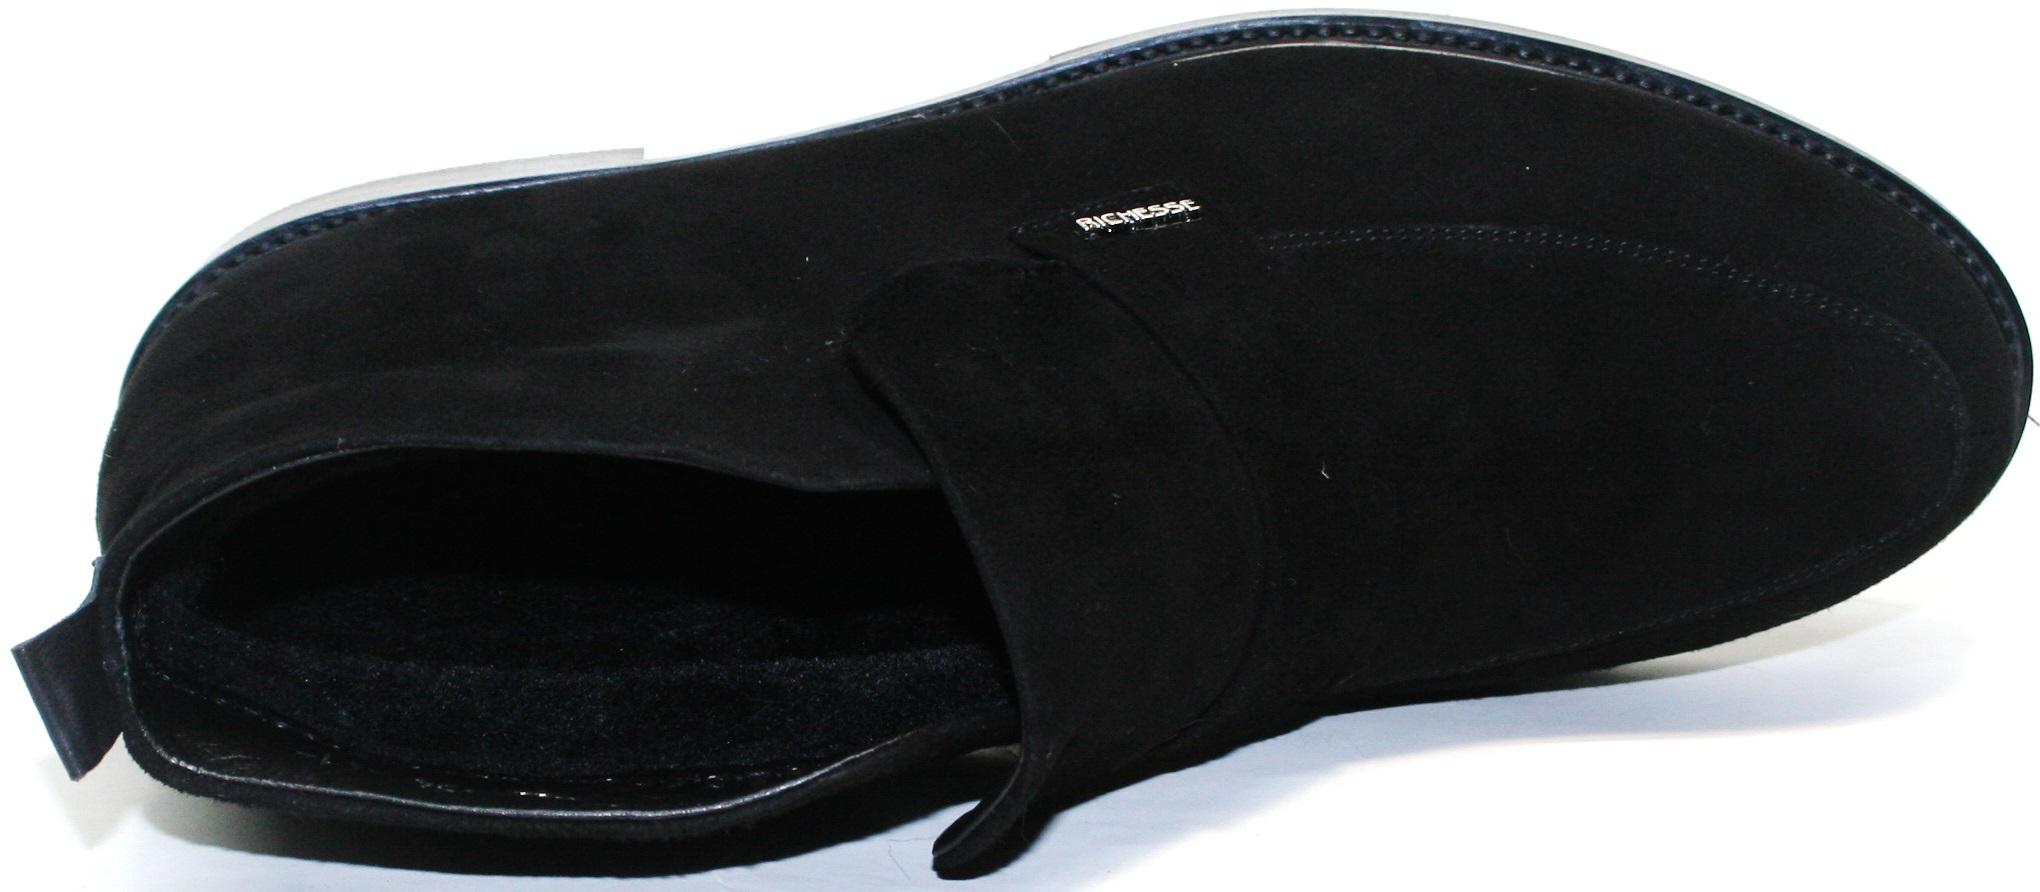 Ботинки лоферы Ричессе R454